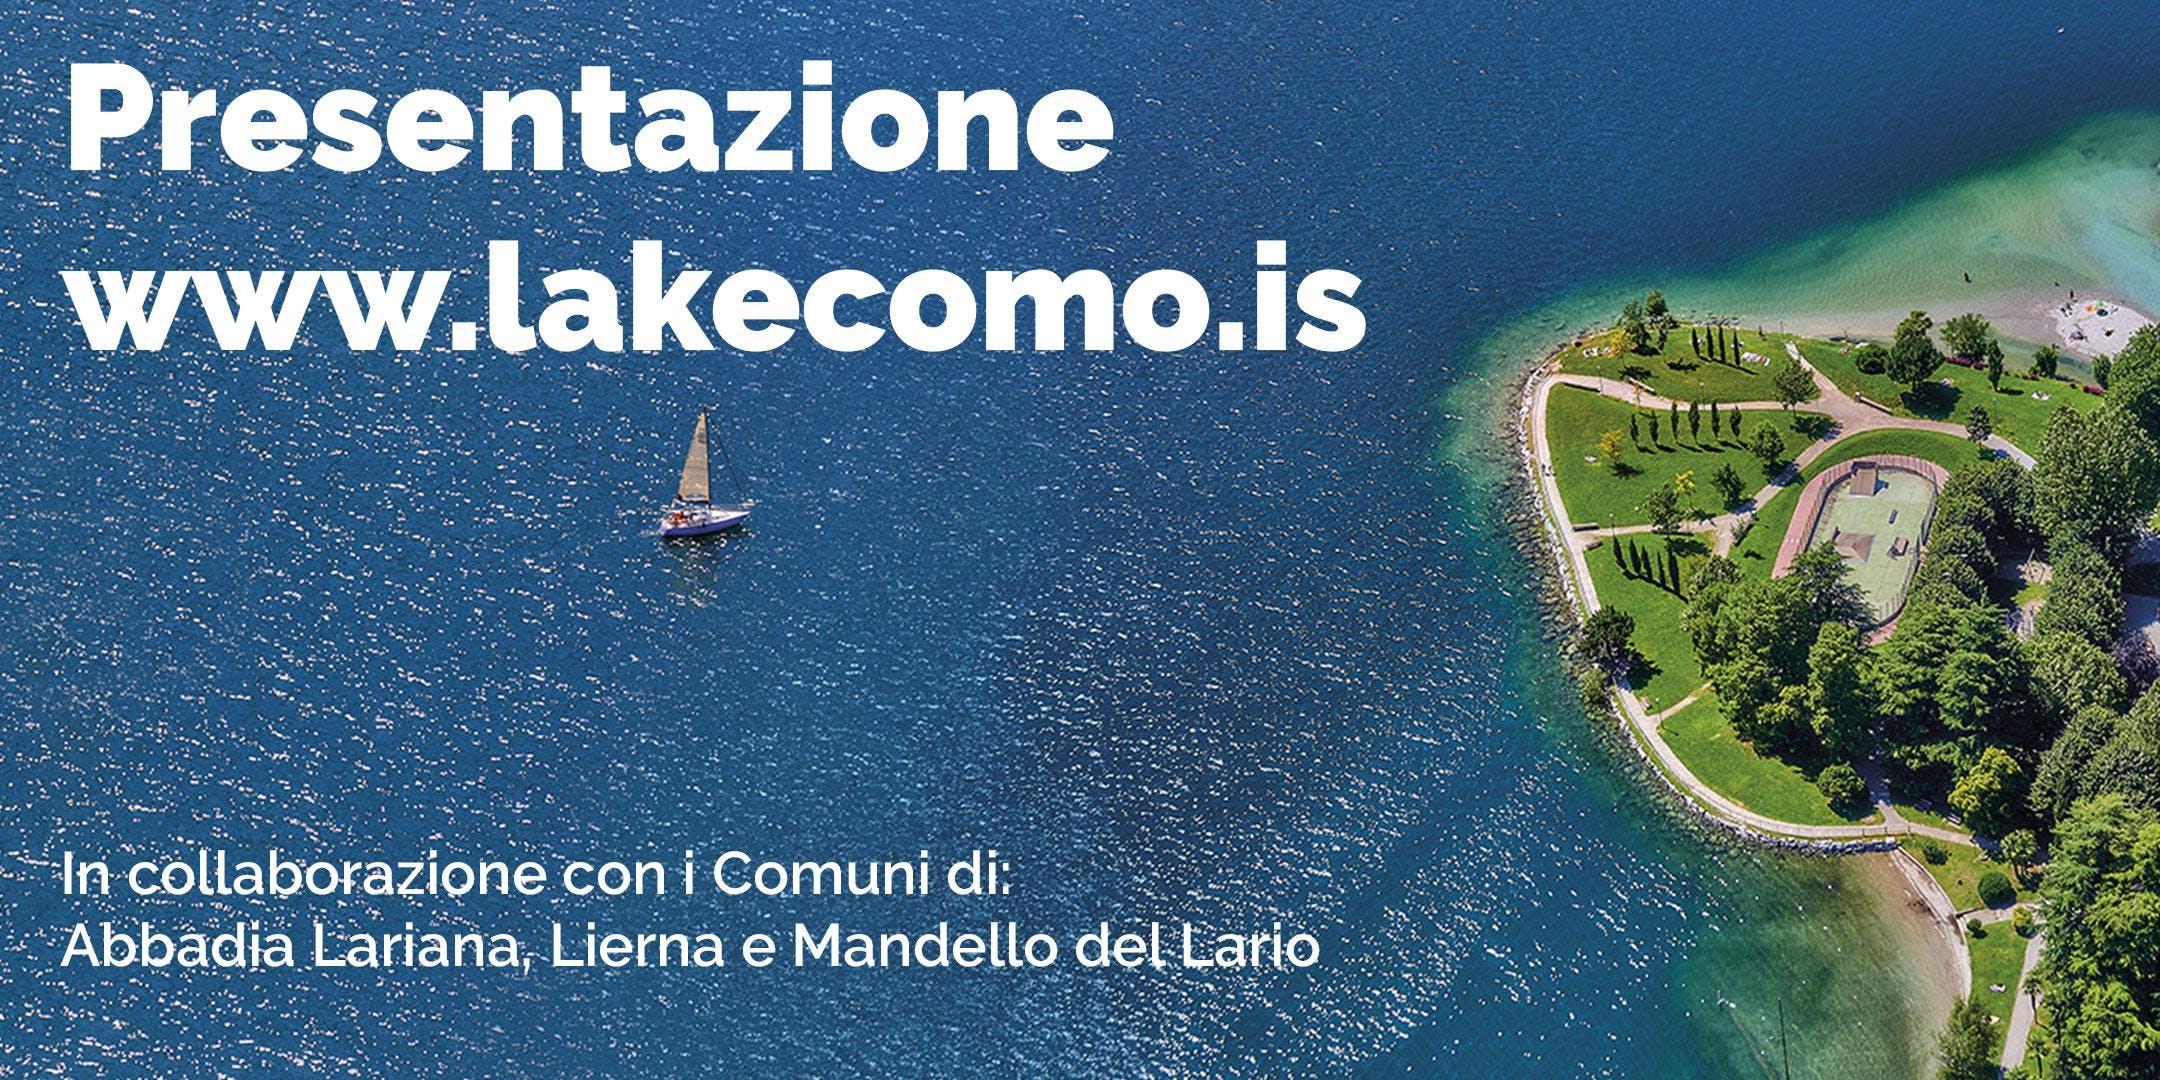 Presentazione www.lakecomo.is - Abbadia Laria